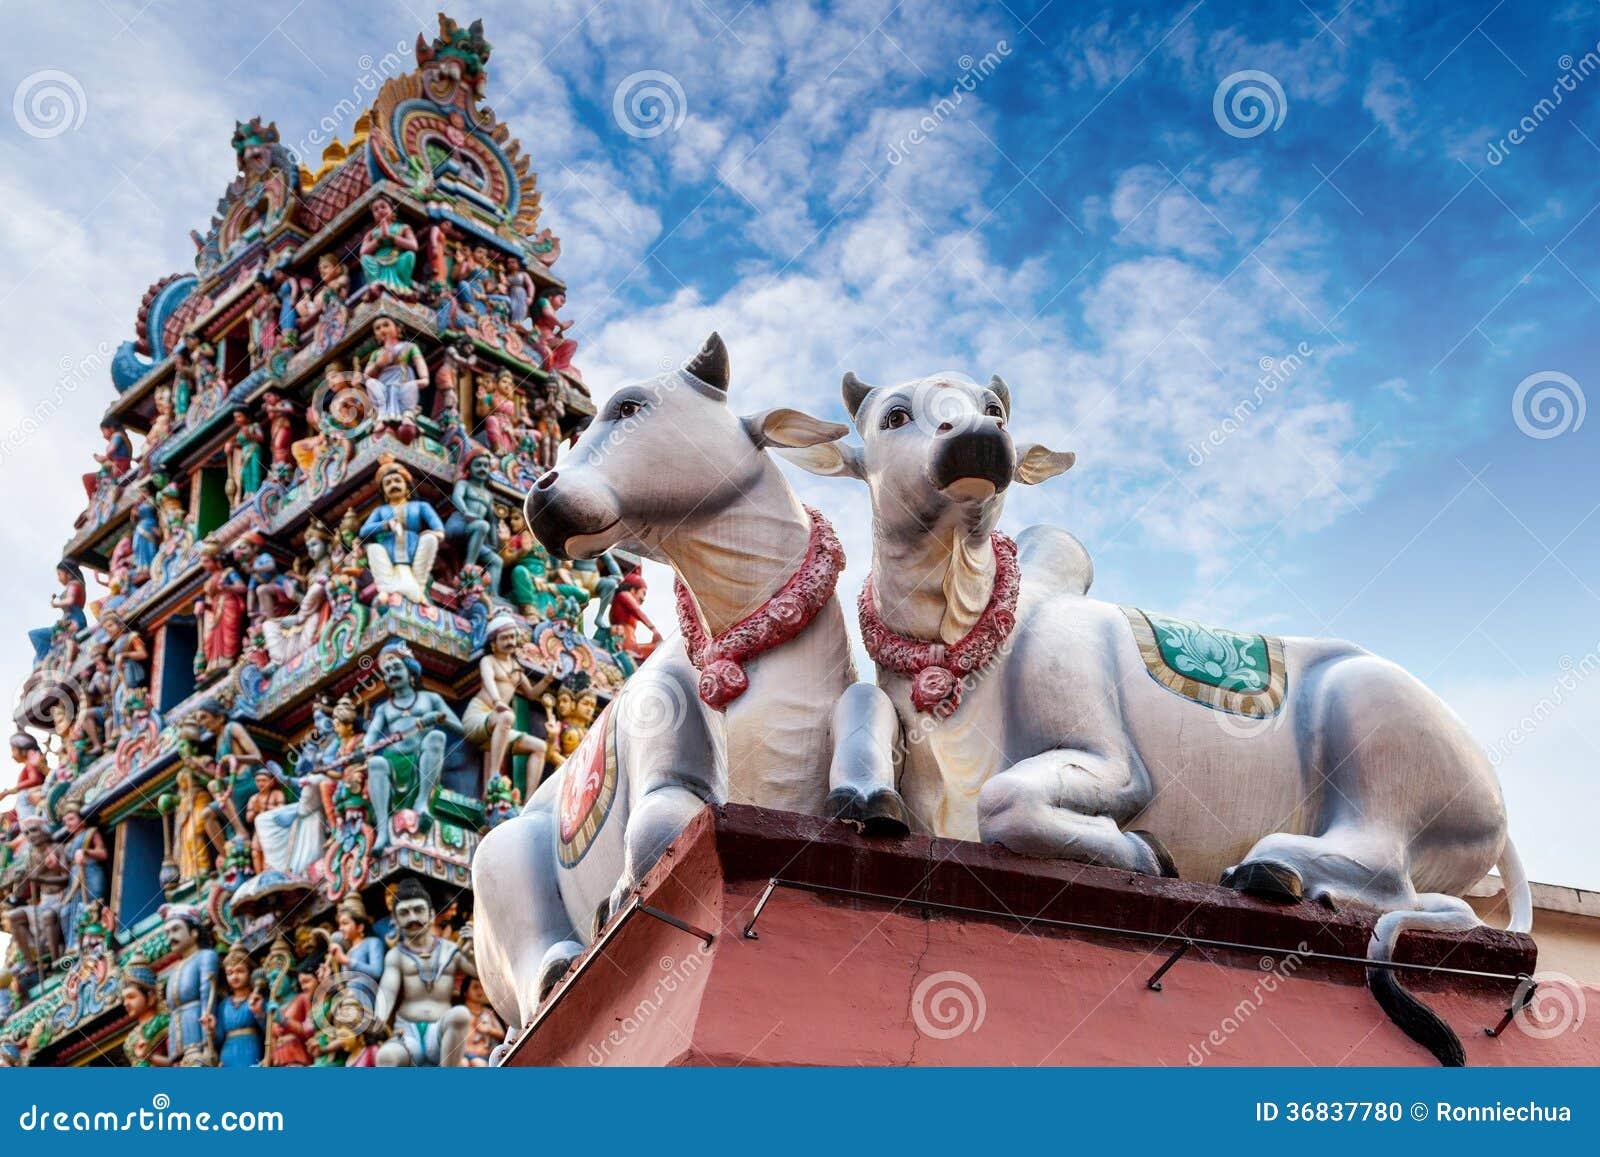 Vacas Sagradas Que Guardan Un Templo Indio Foto De Archivo Imagen 36837780